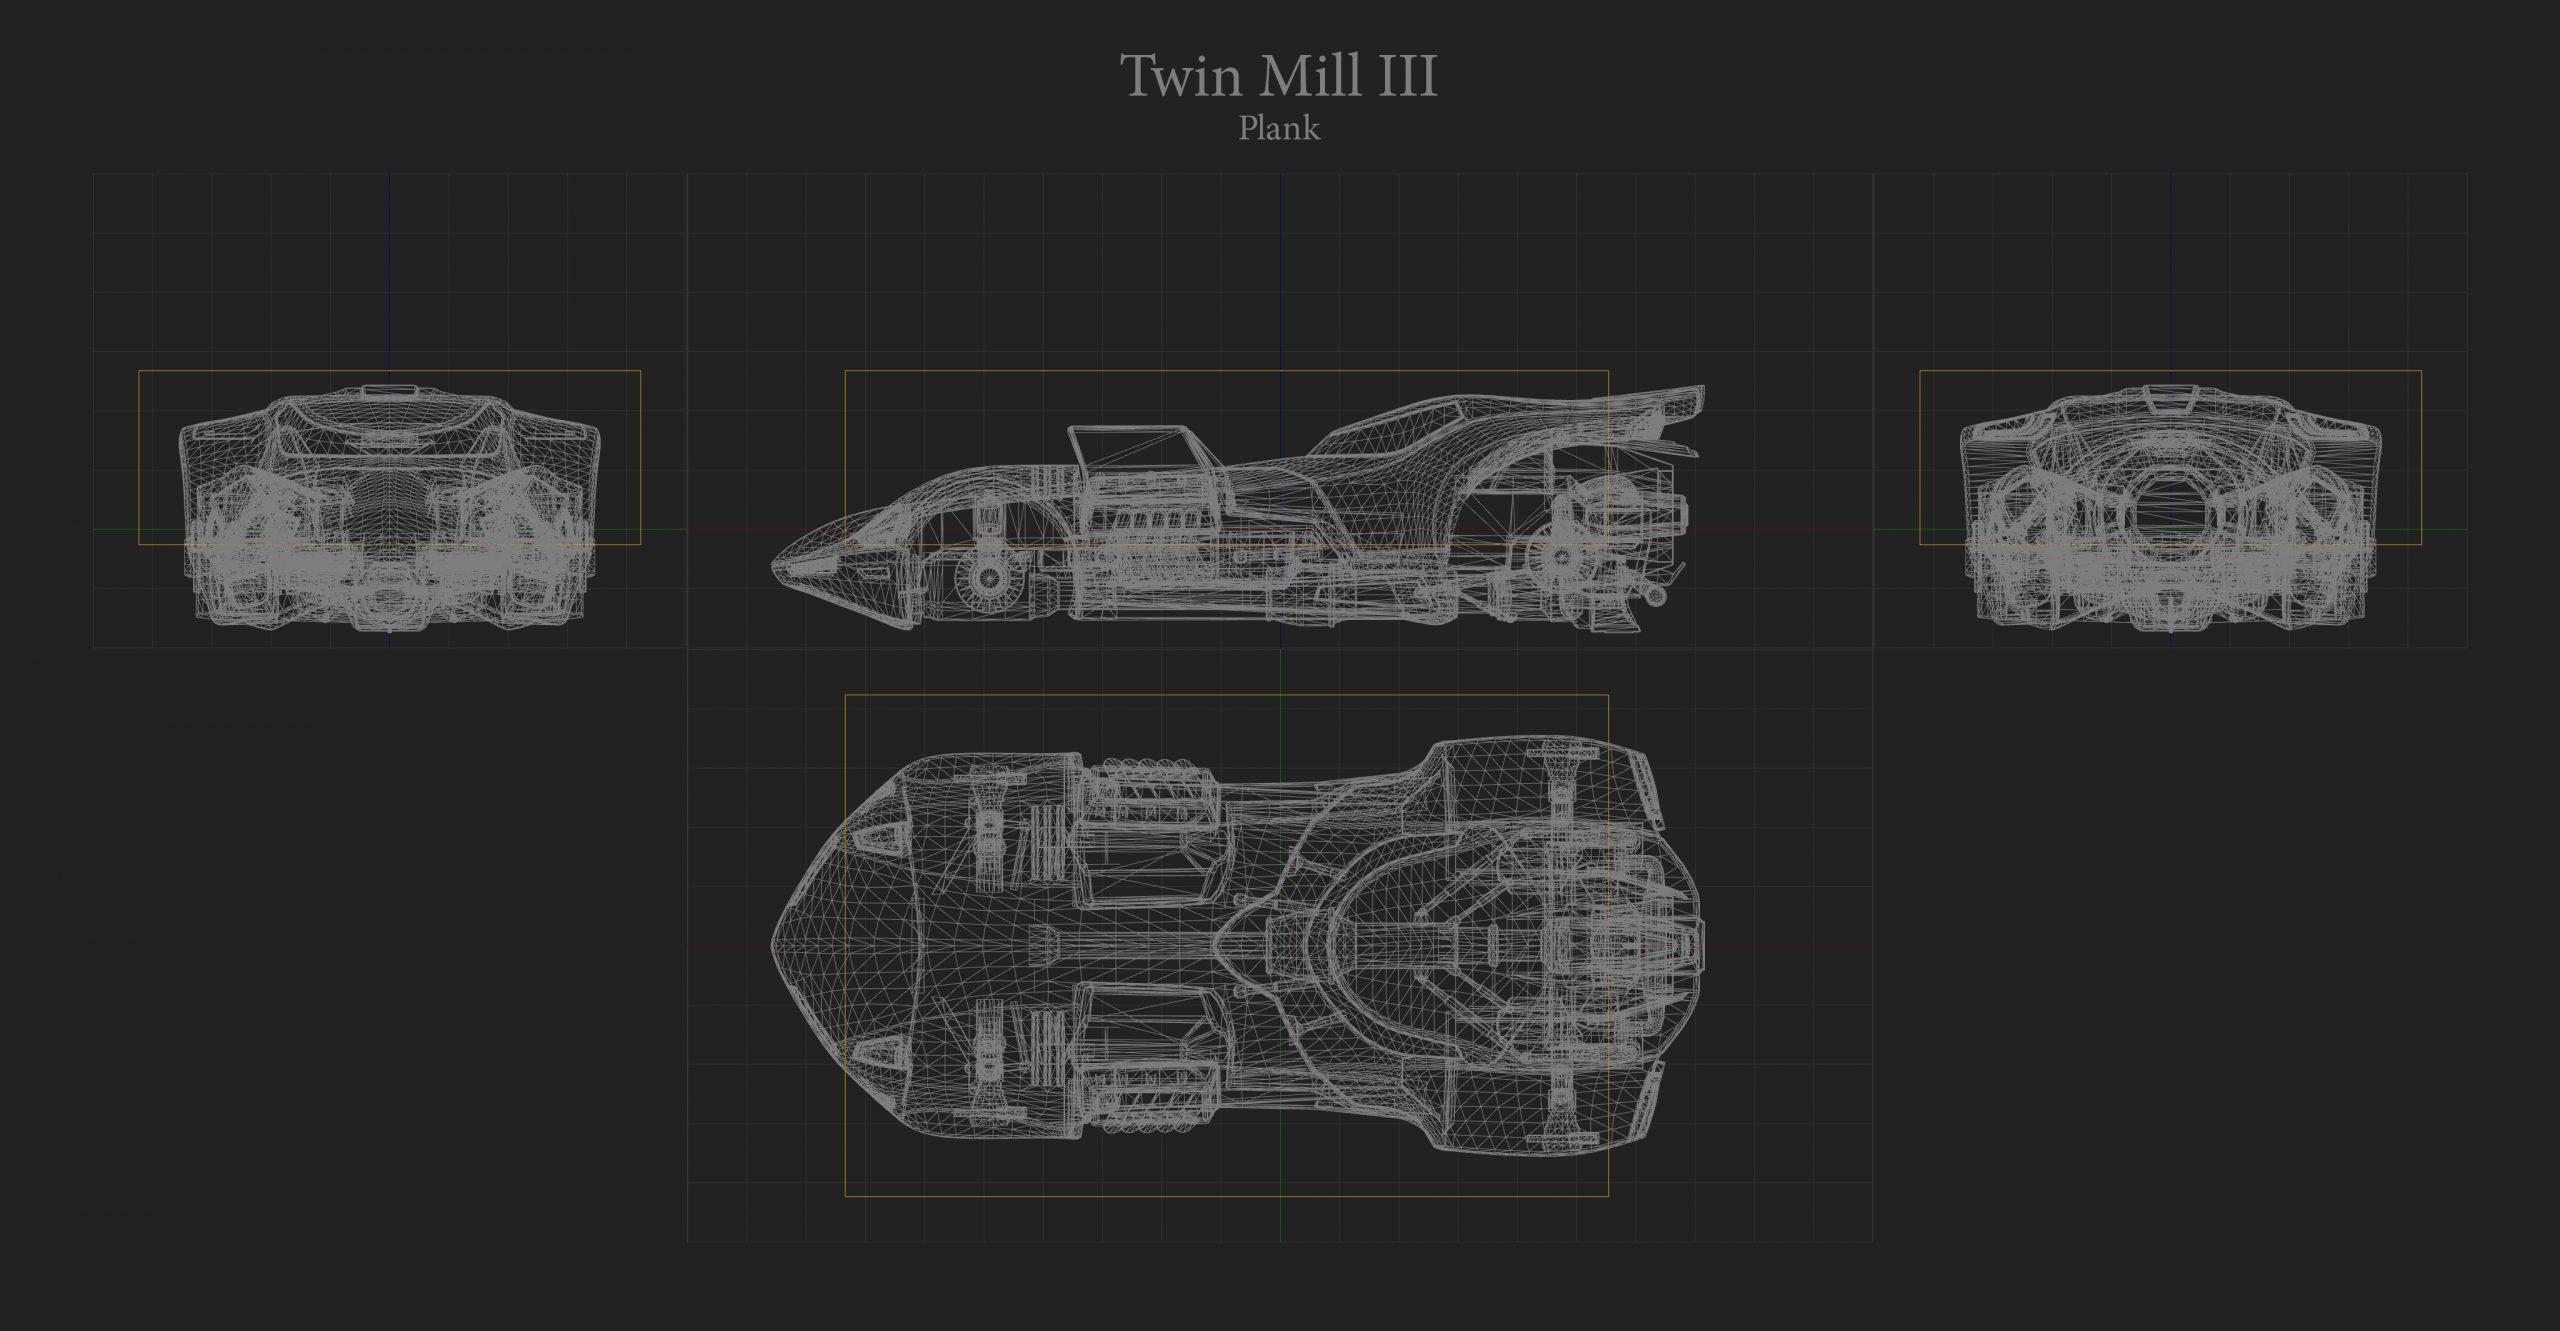 Twin Mill III Hitbox Rocket League